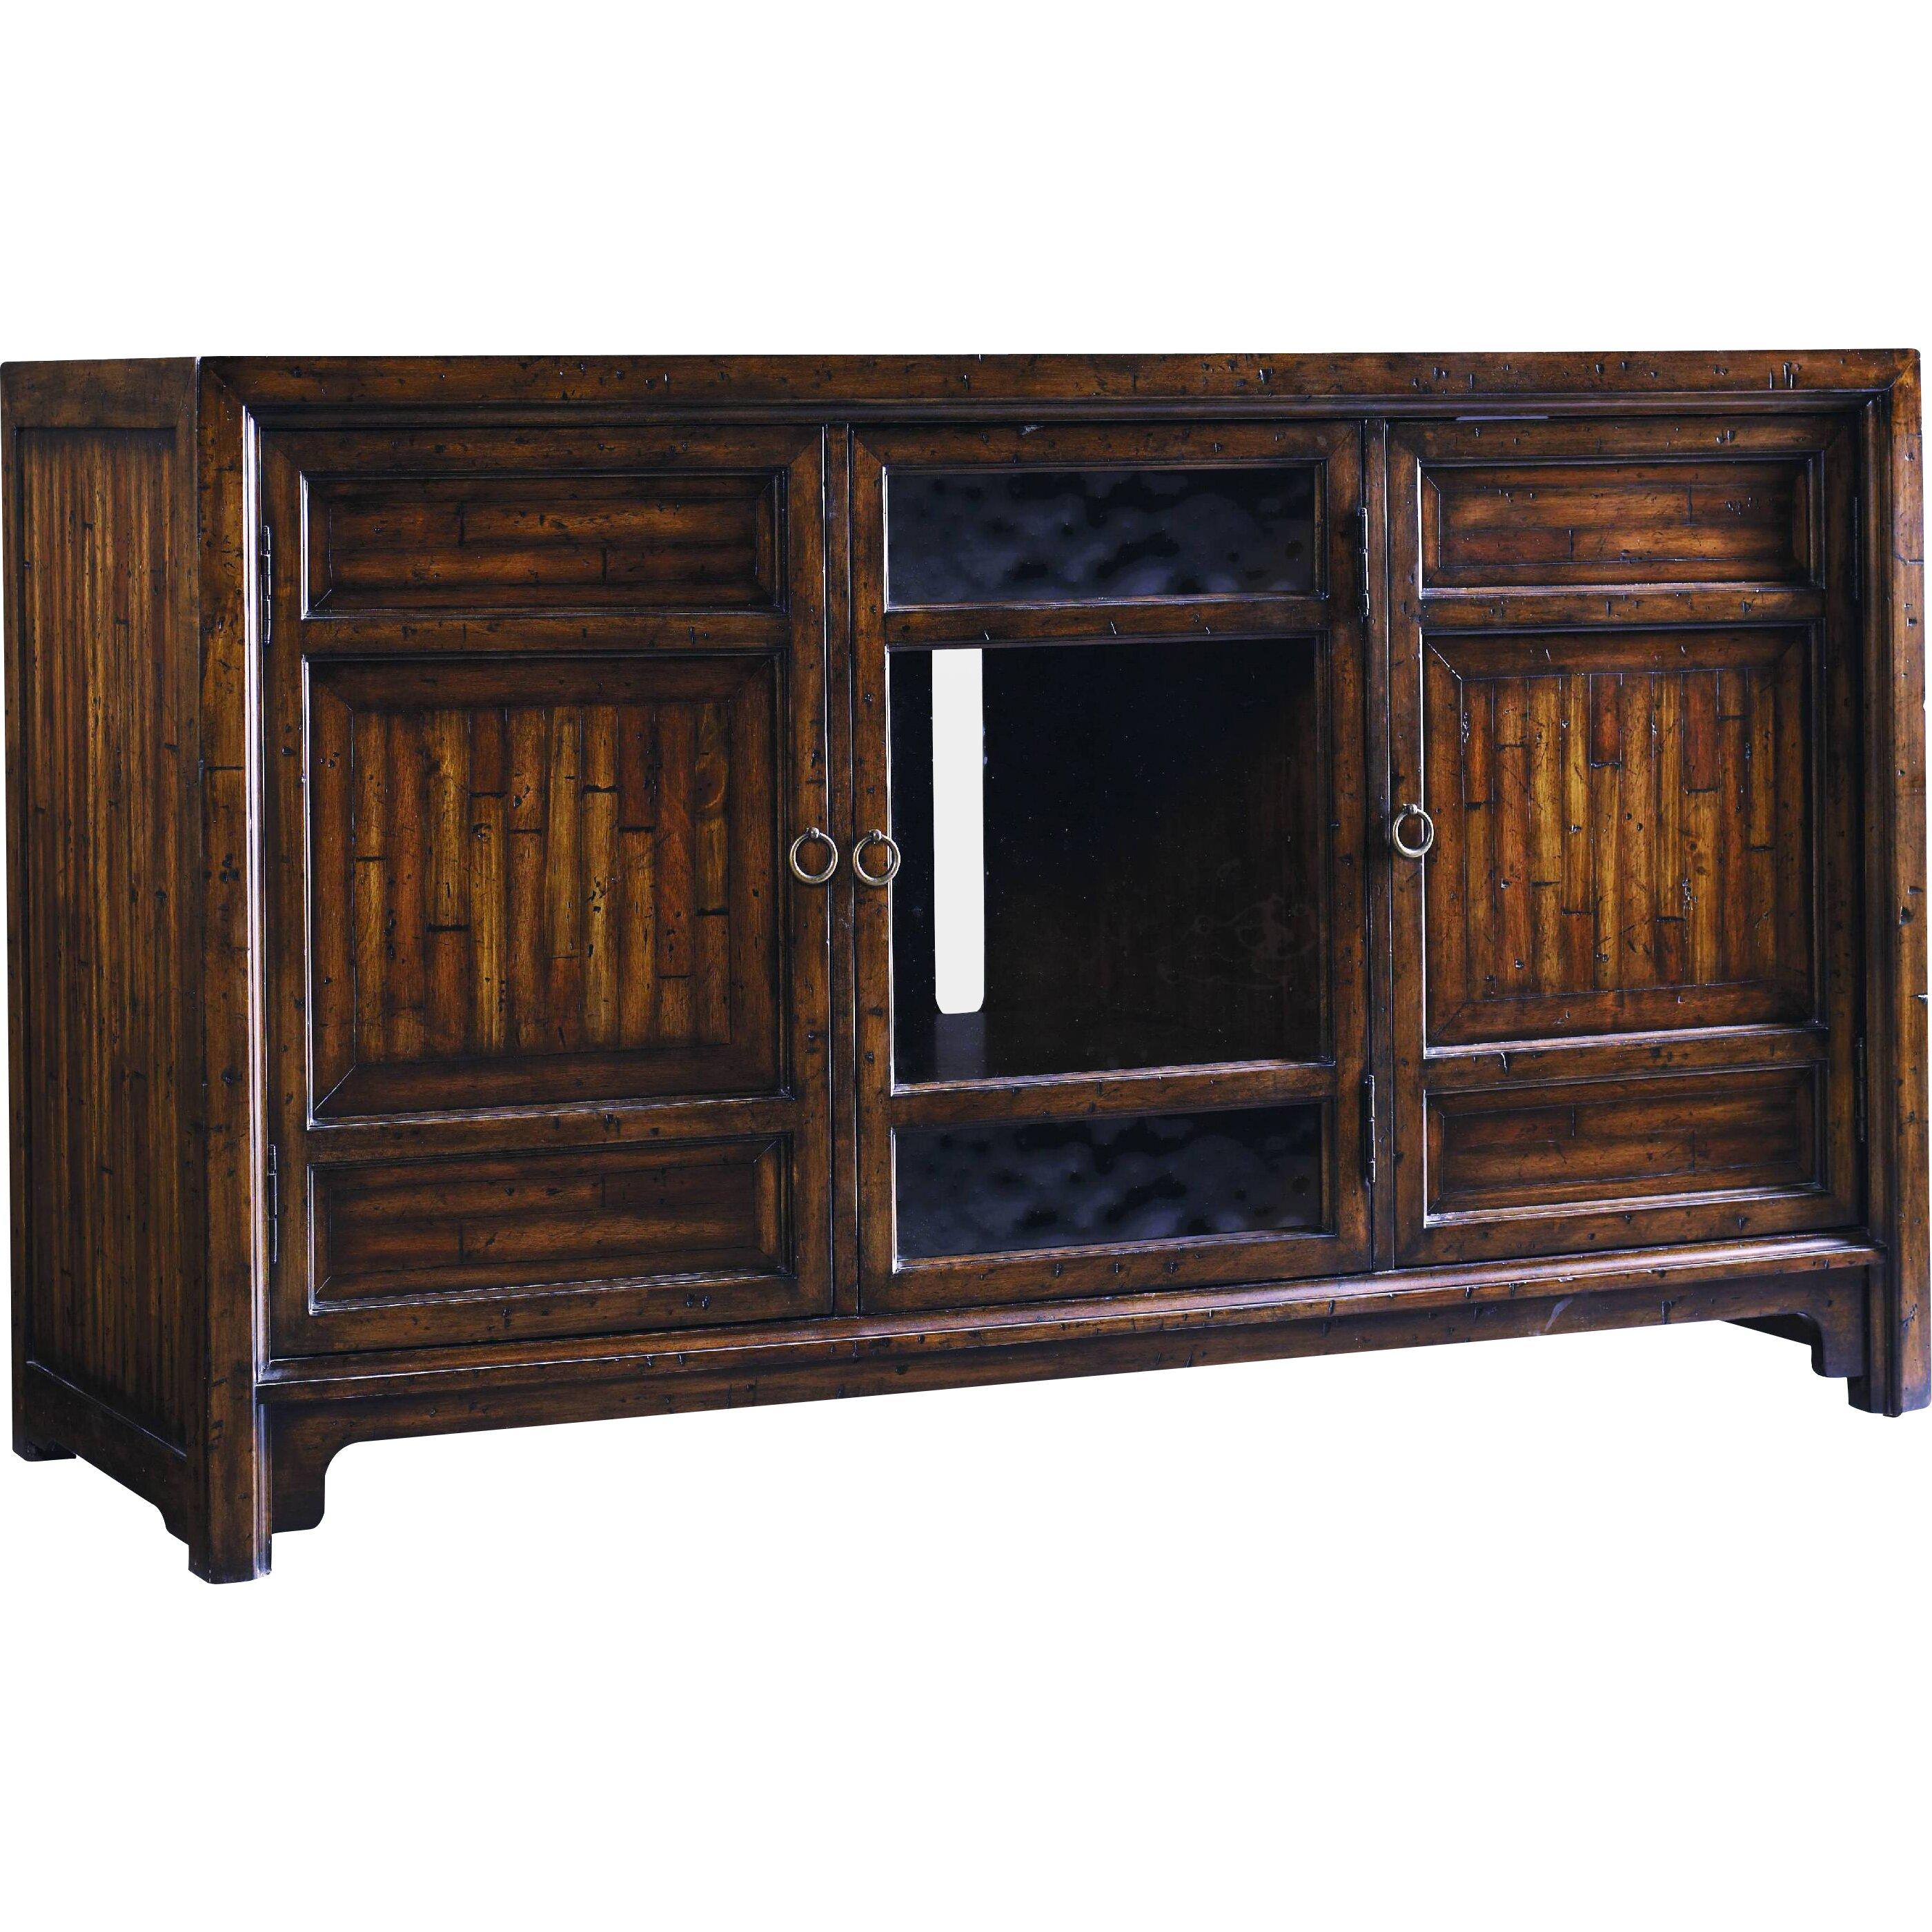 Hooker Furniture Melange Tv Stand Reviews